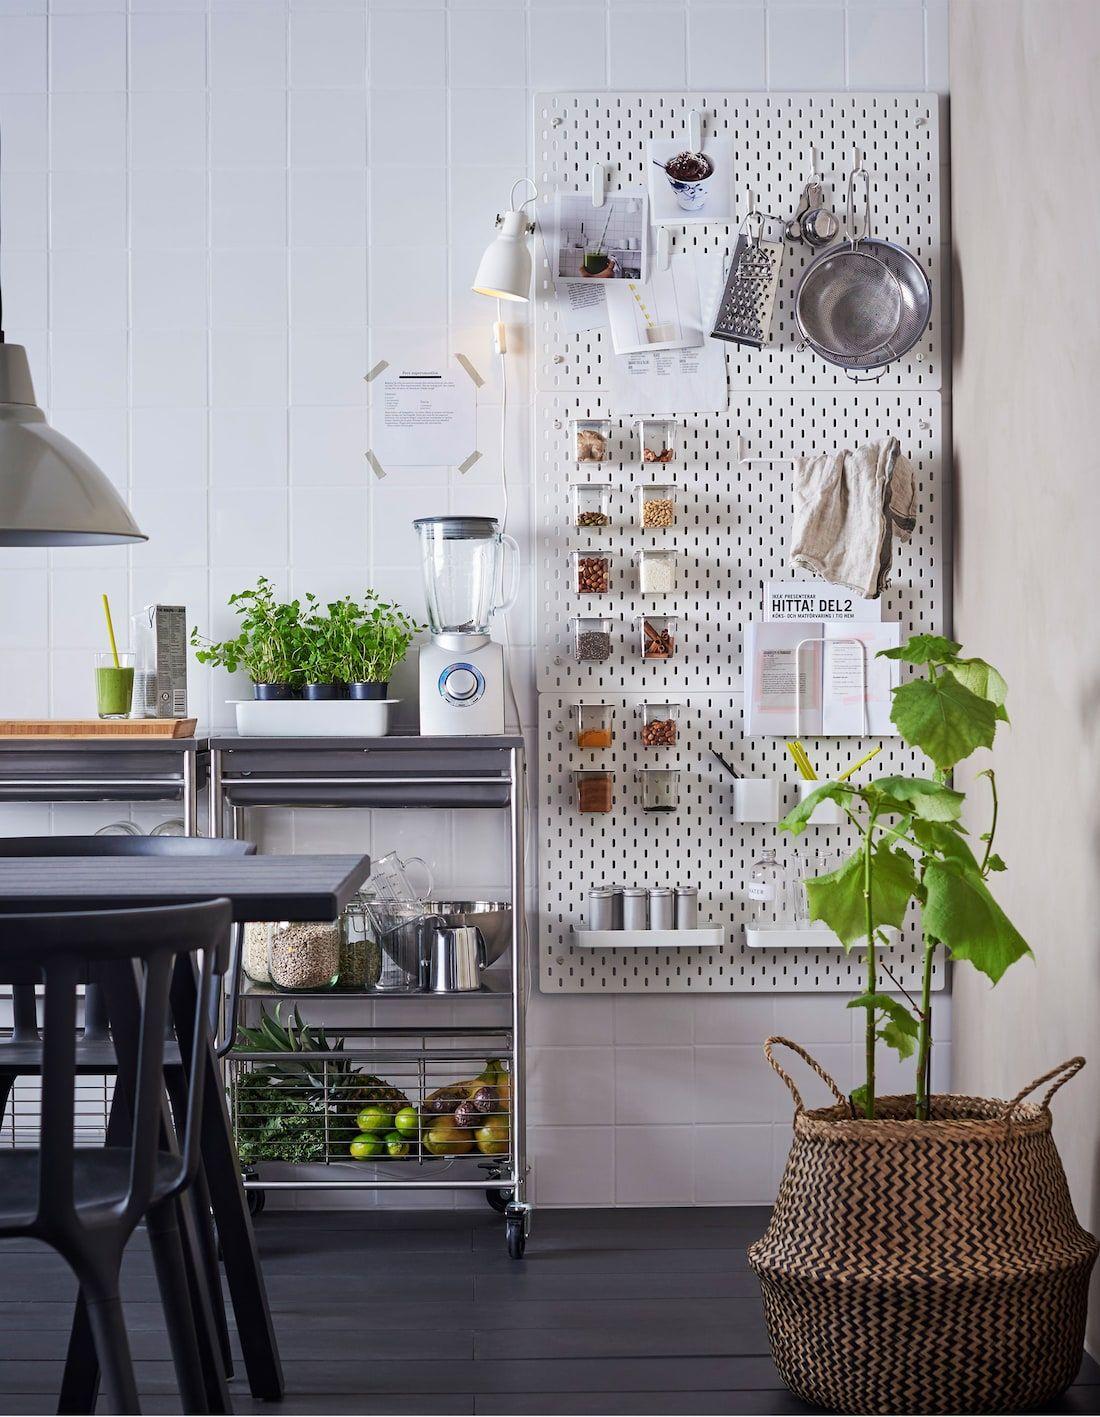 Pegboard Ideen Mit Pfiff Kleiner Lebensraum Zimmerdekoration Und Dekor